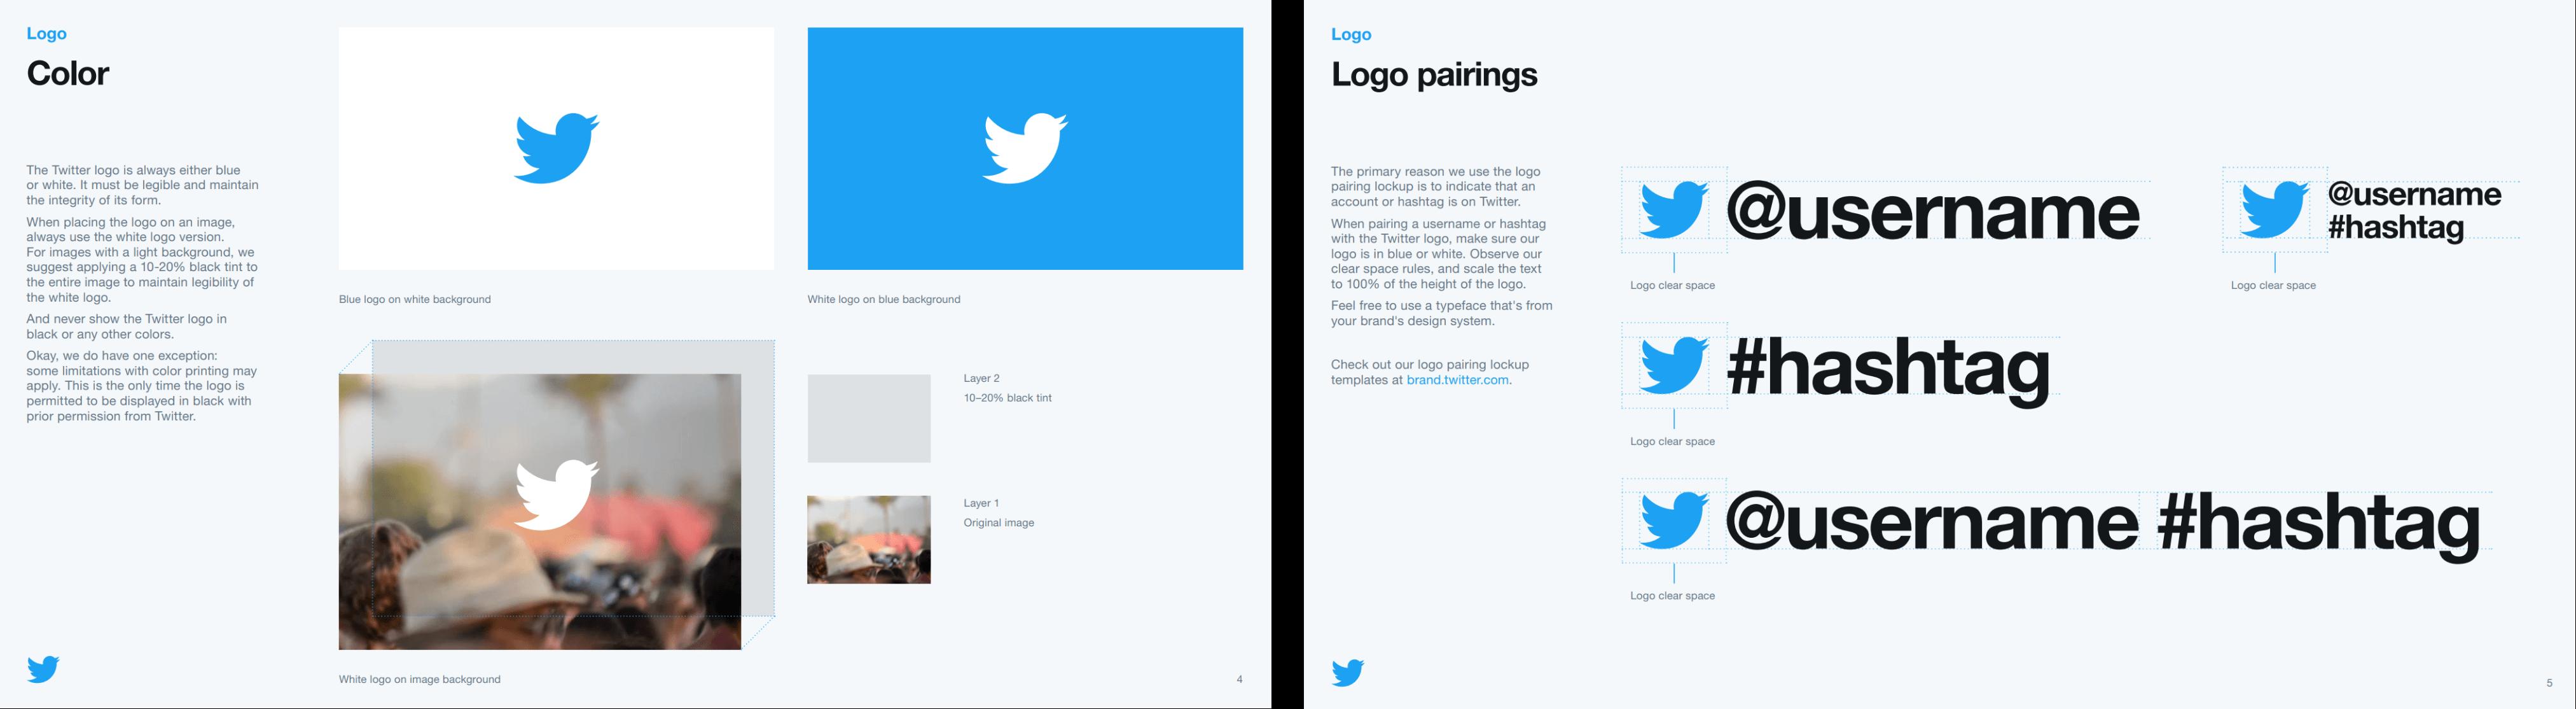 Twitter-ブランドガイドライン